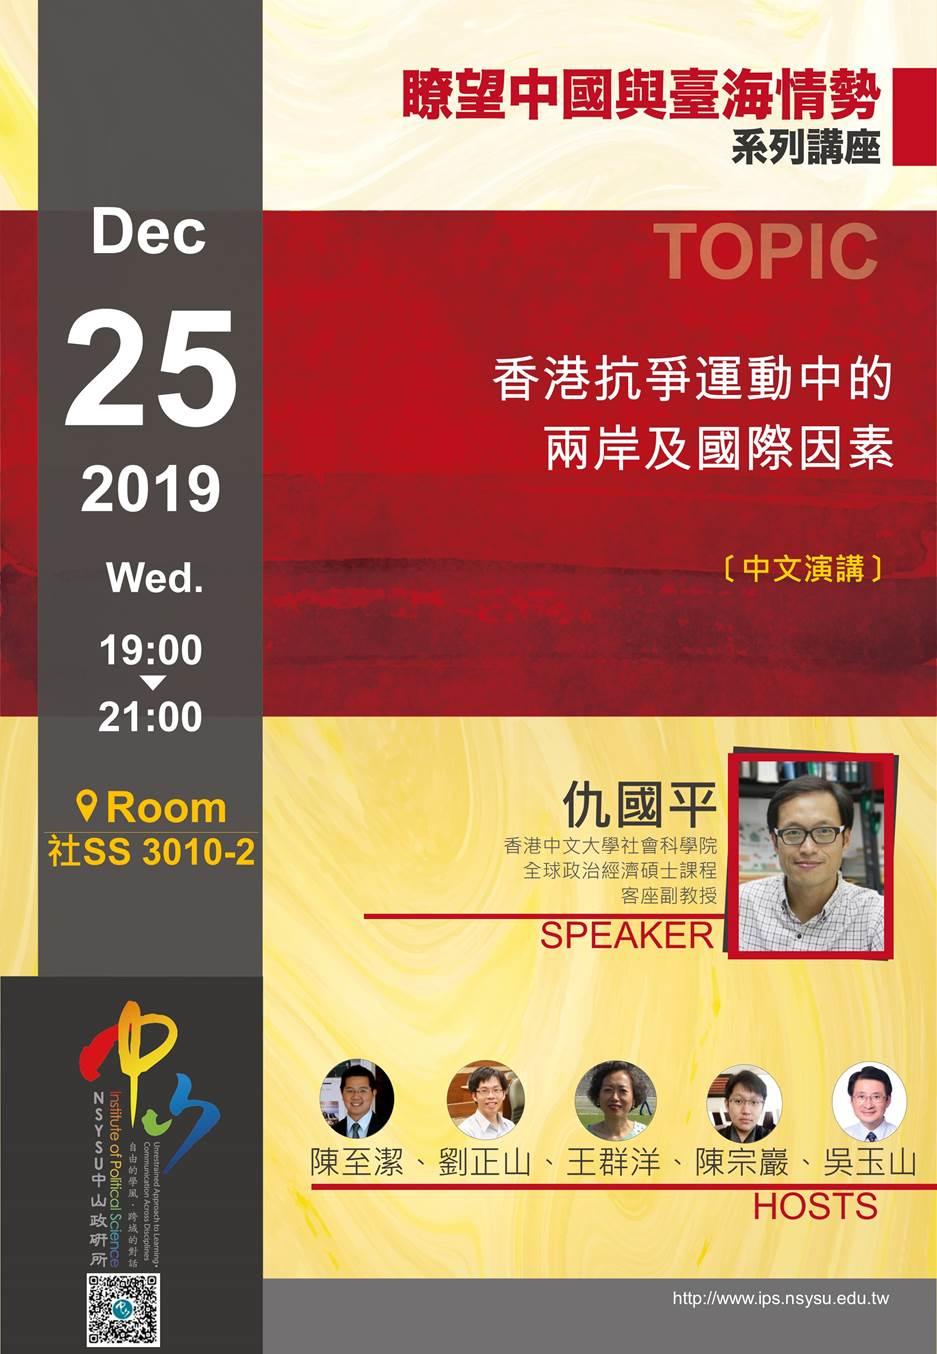 仇國平:香港抗爭運動中的兩岸及國際因素